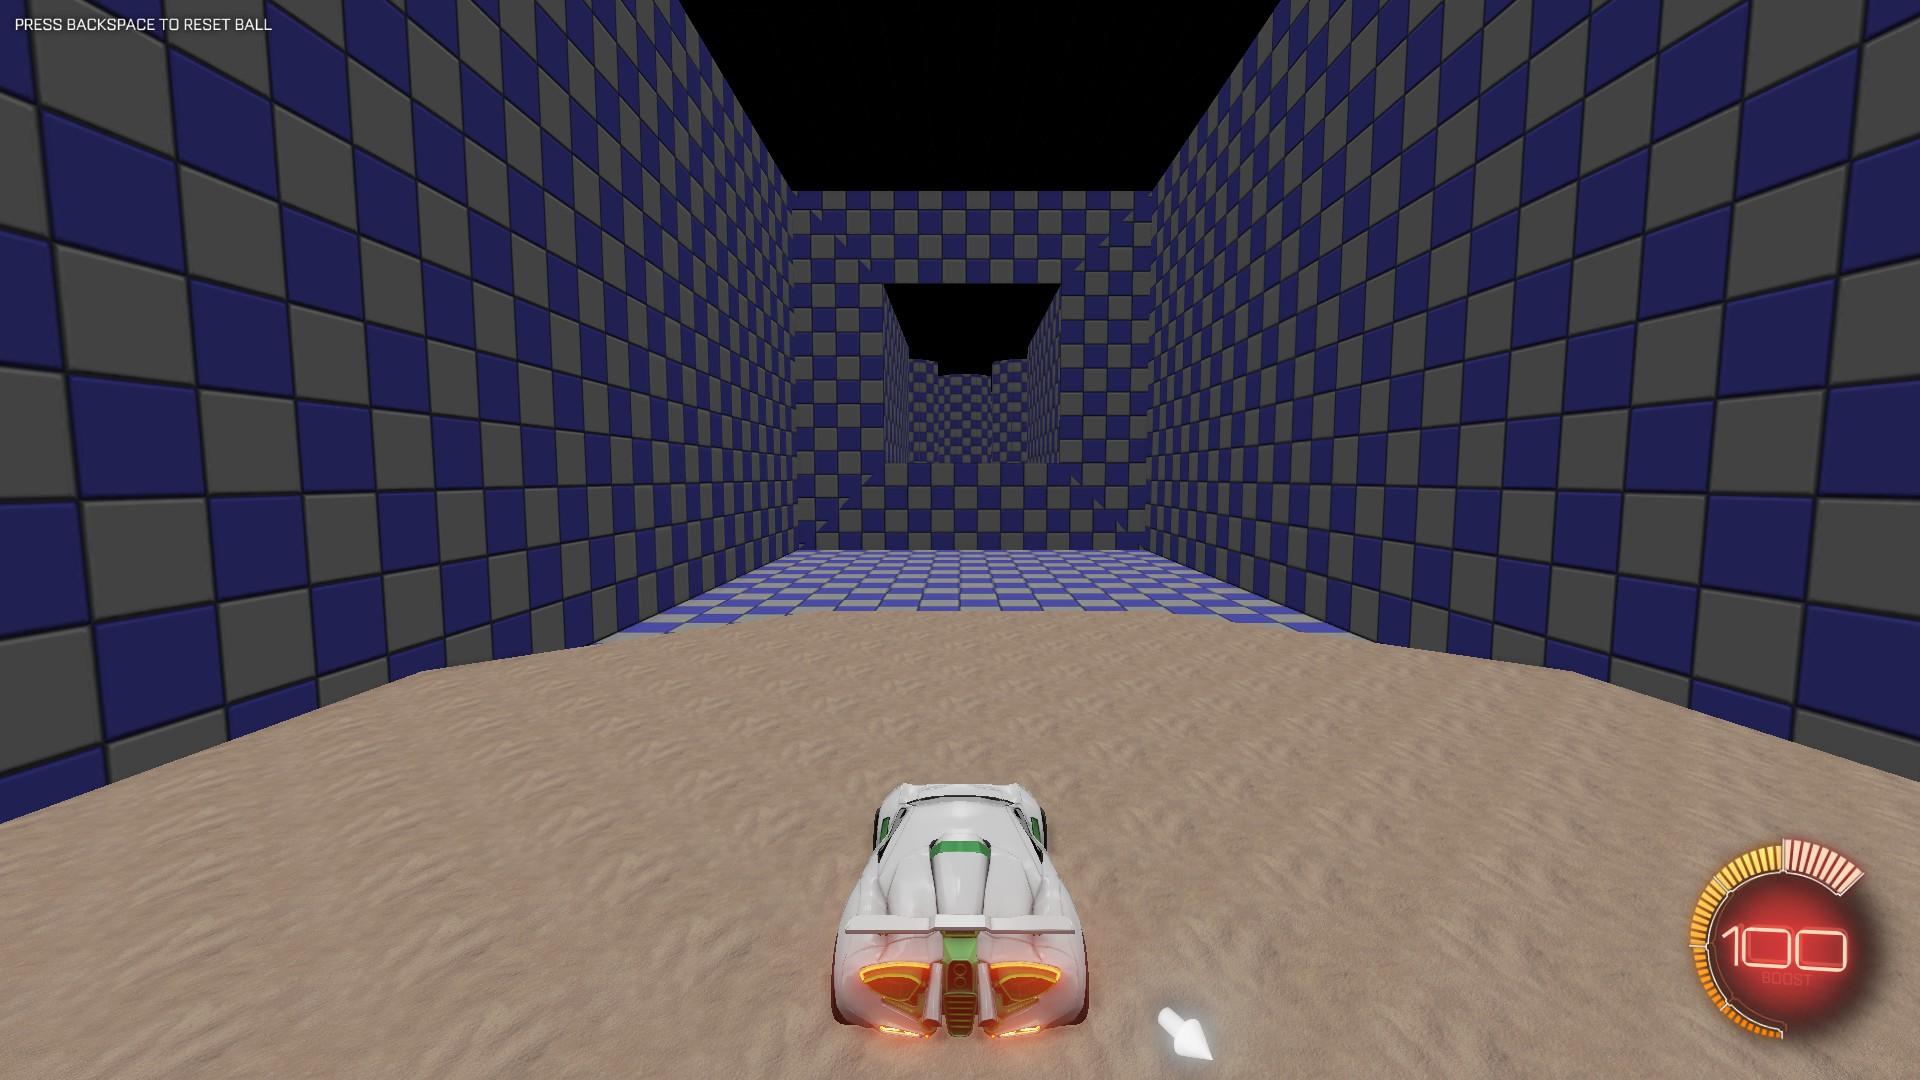 Rocket League Obstacle Course #1